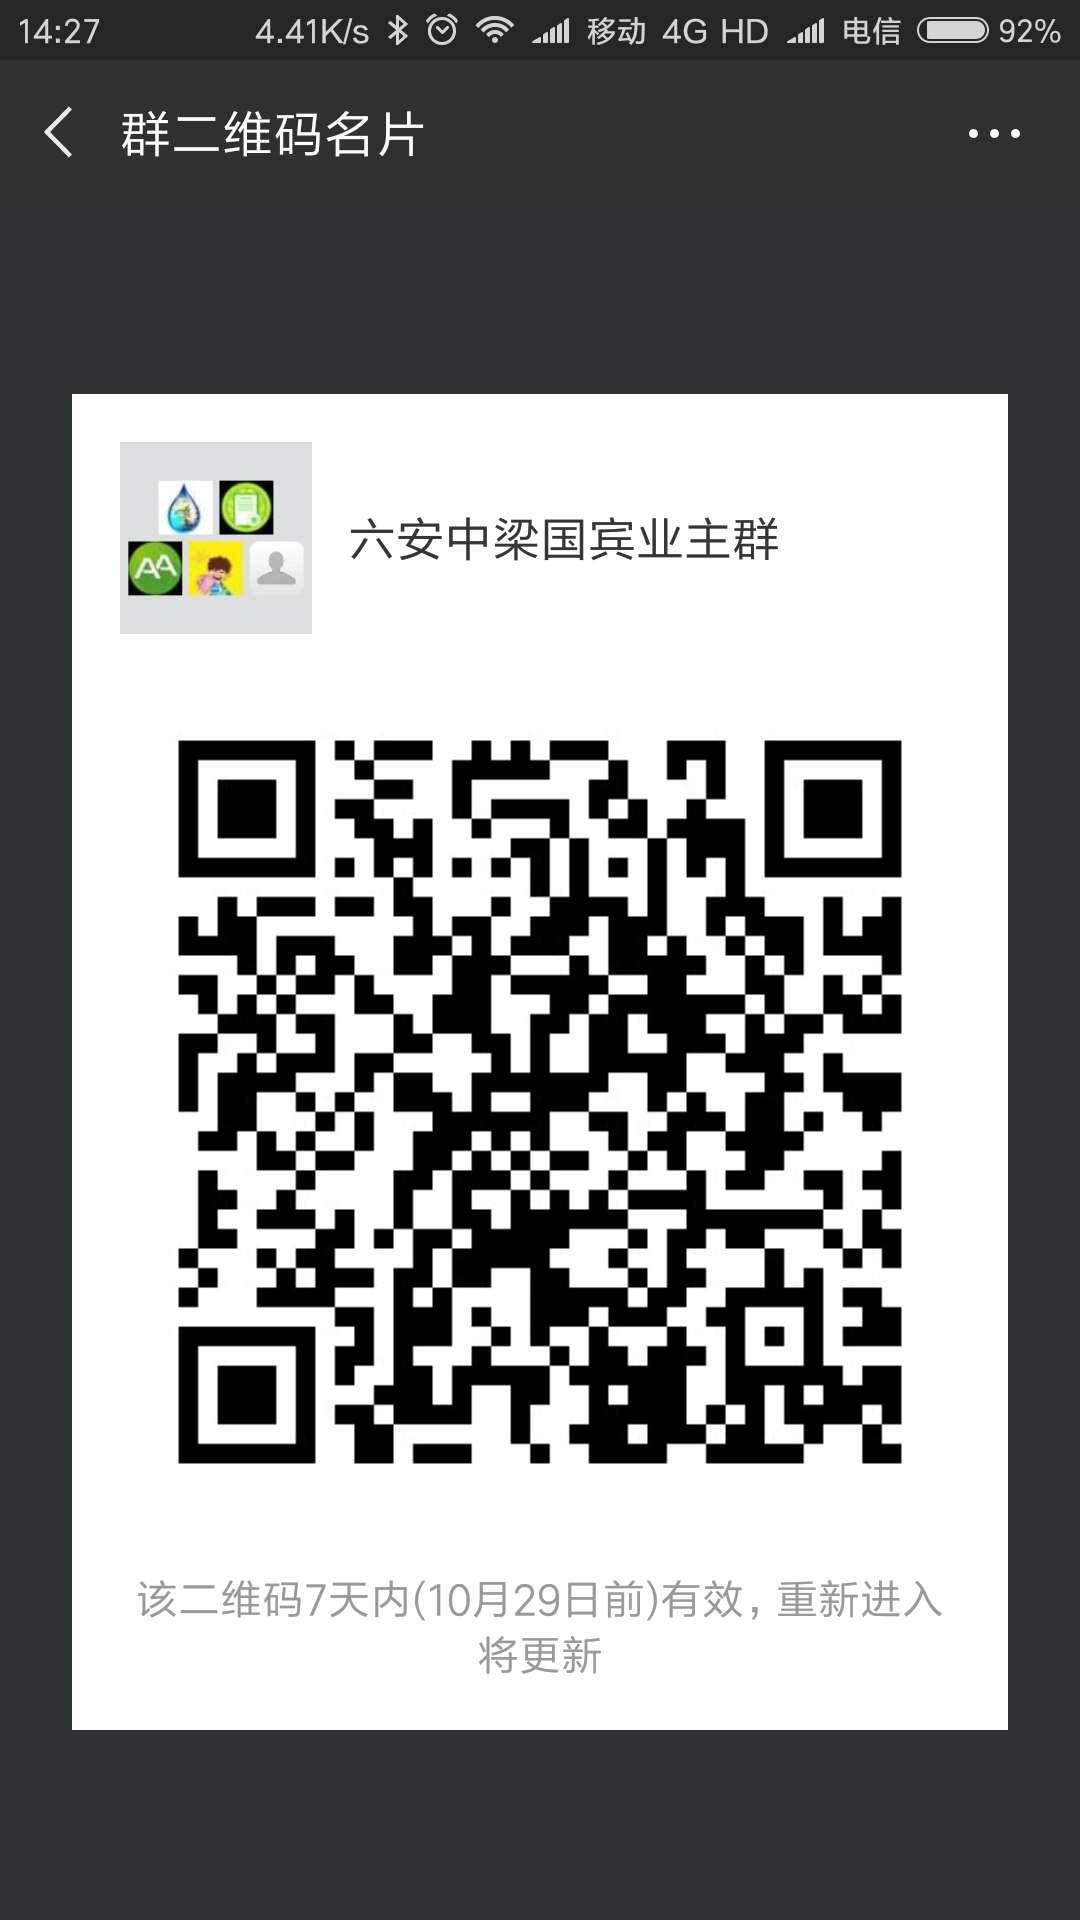 微信图片_20181022142941.jpg